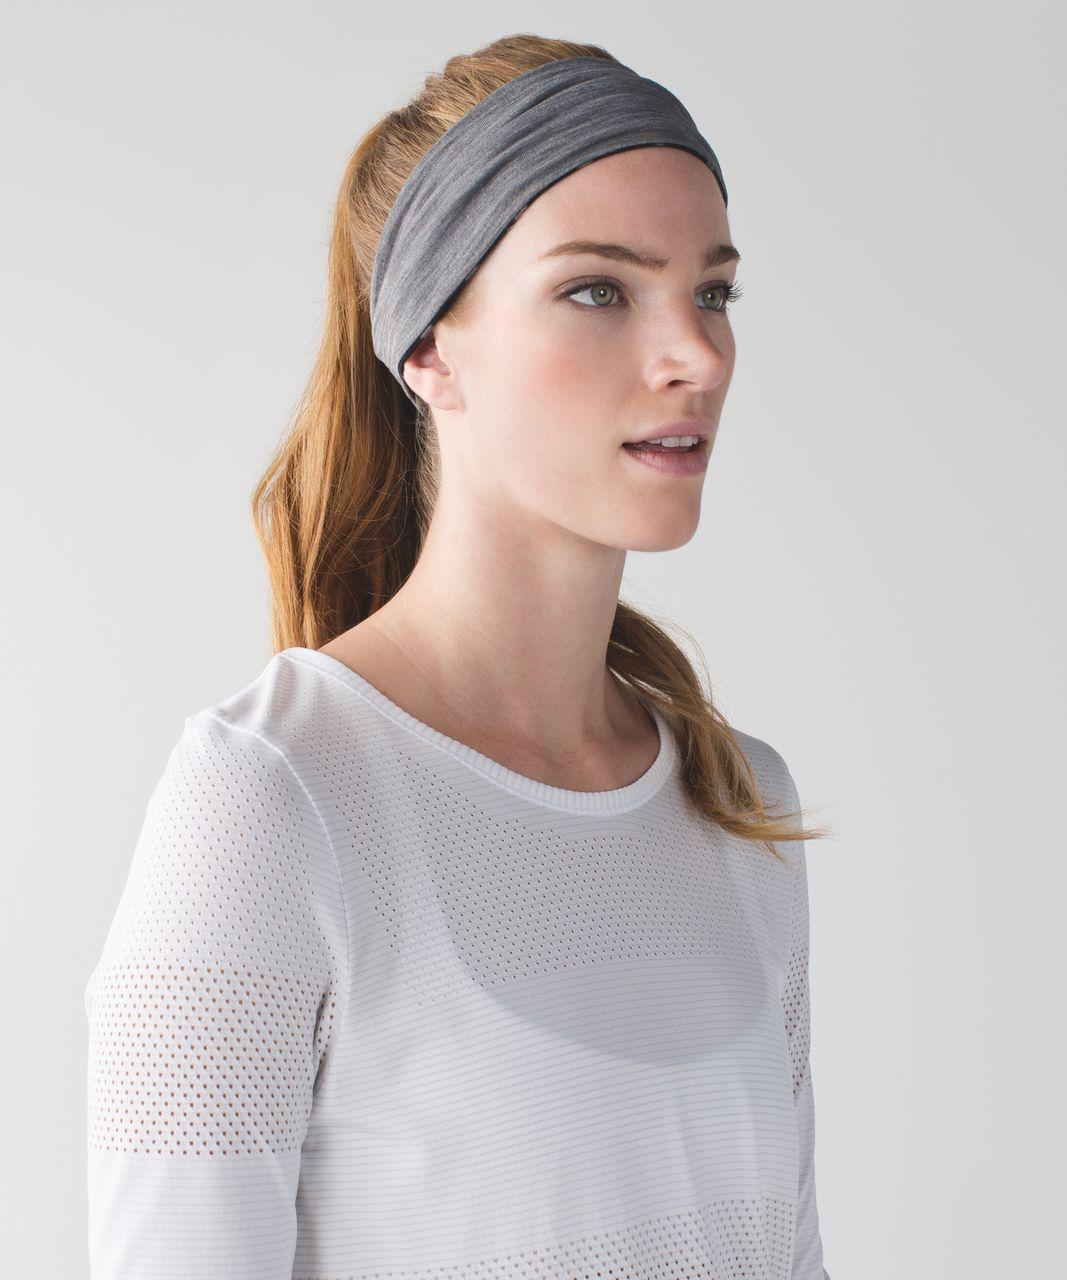 Lululemon Fringe Fighter Headband - Ghost Dot Black Slate / Heathered Slate